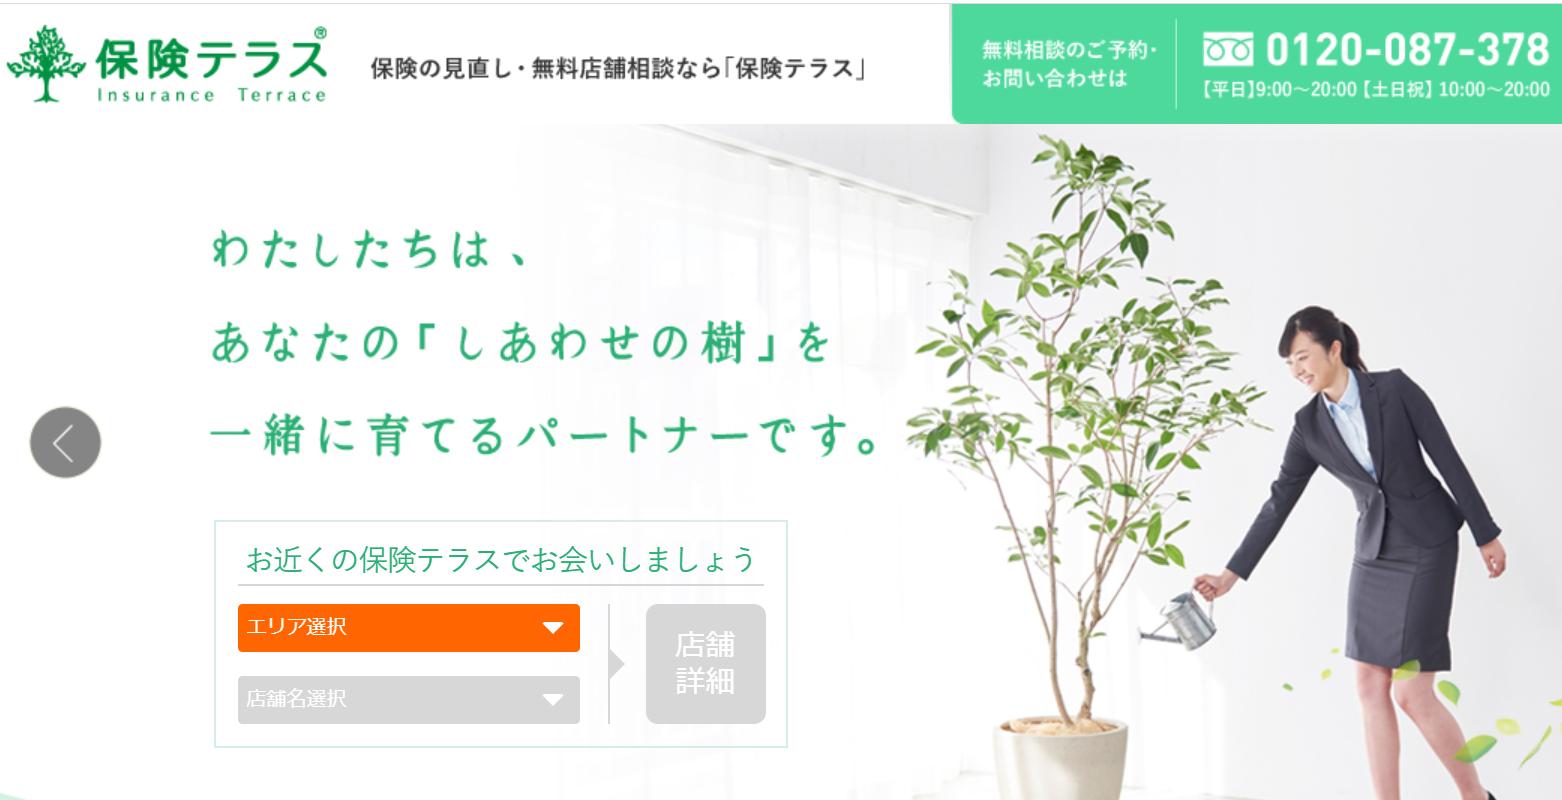 保険テラス_保険相談